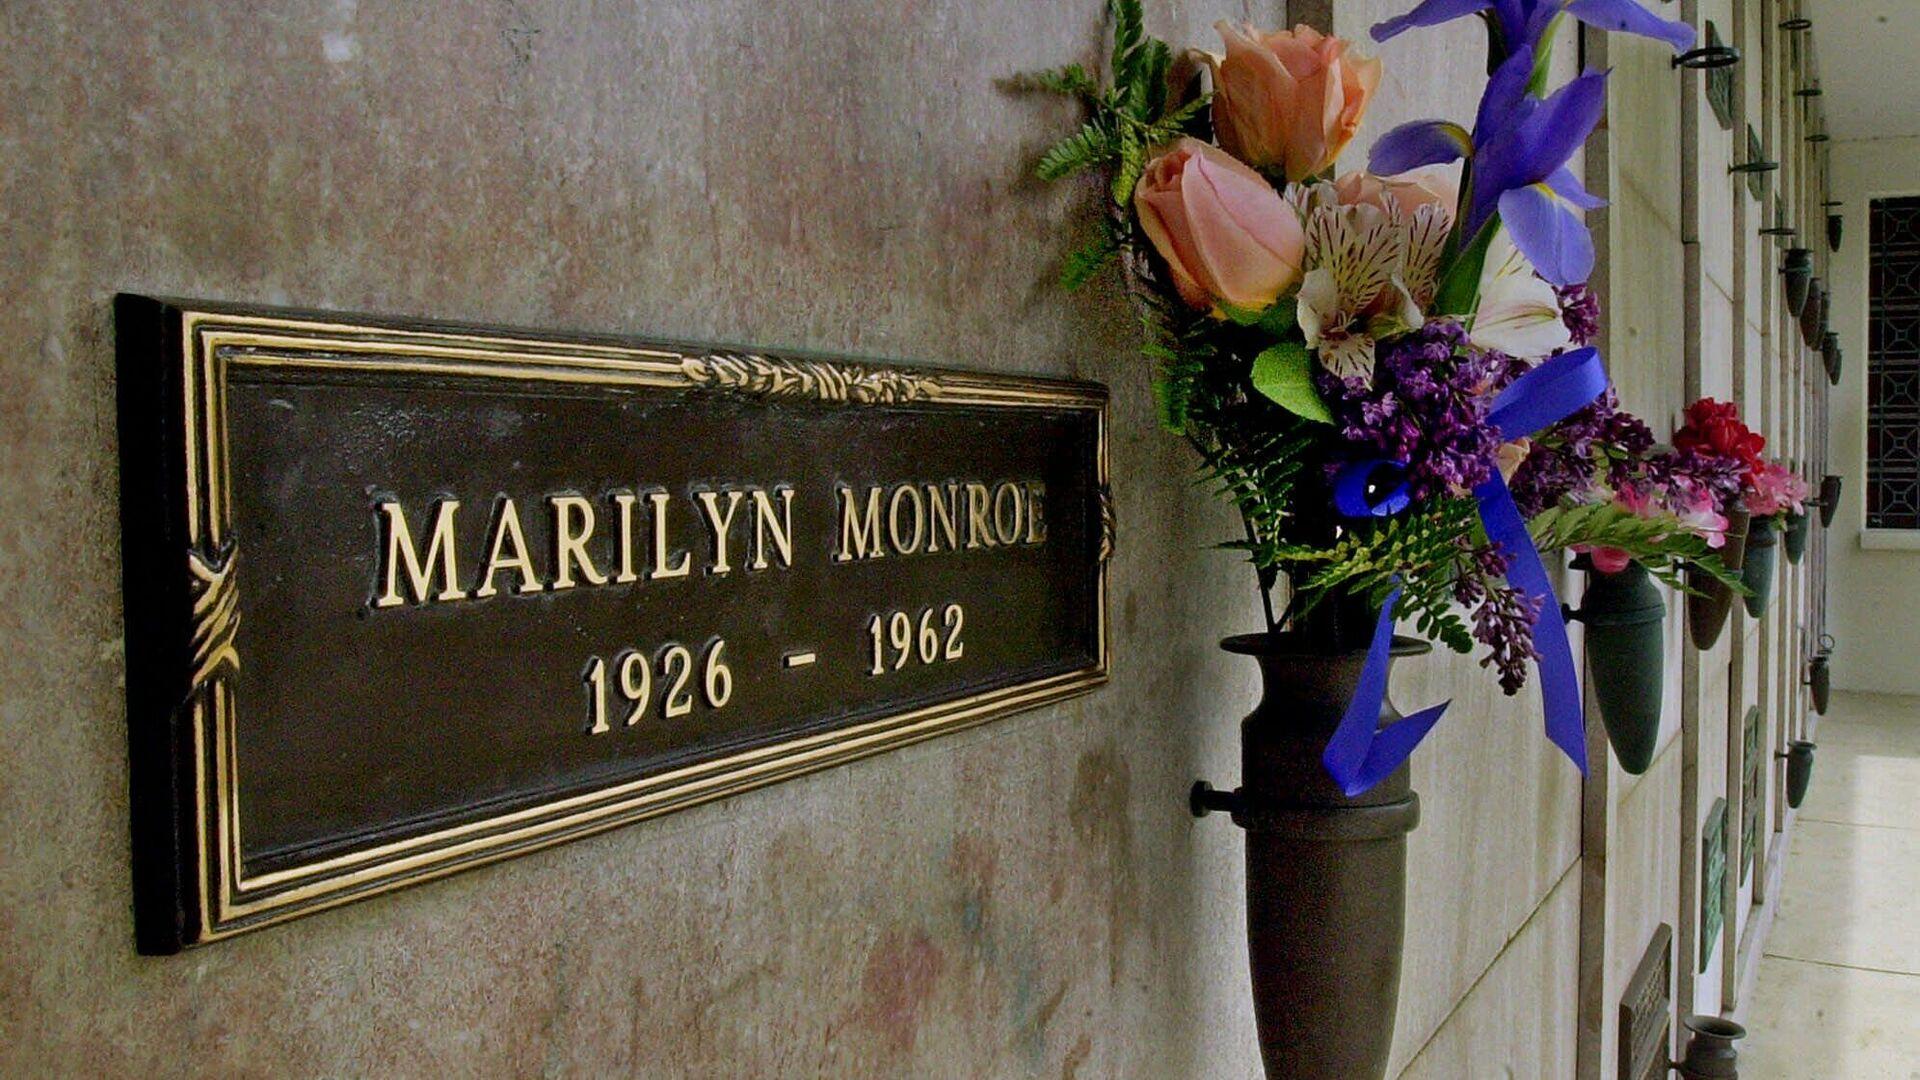 La tumba de Marilyn Monroe - Sputnik Mundo, 1920, 13.08.2021